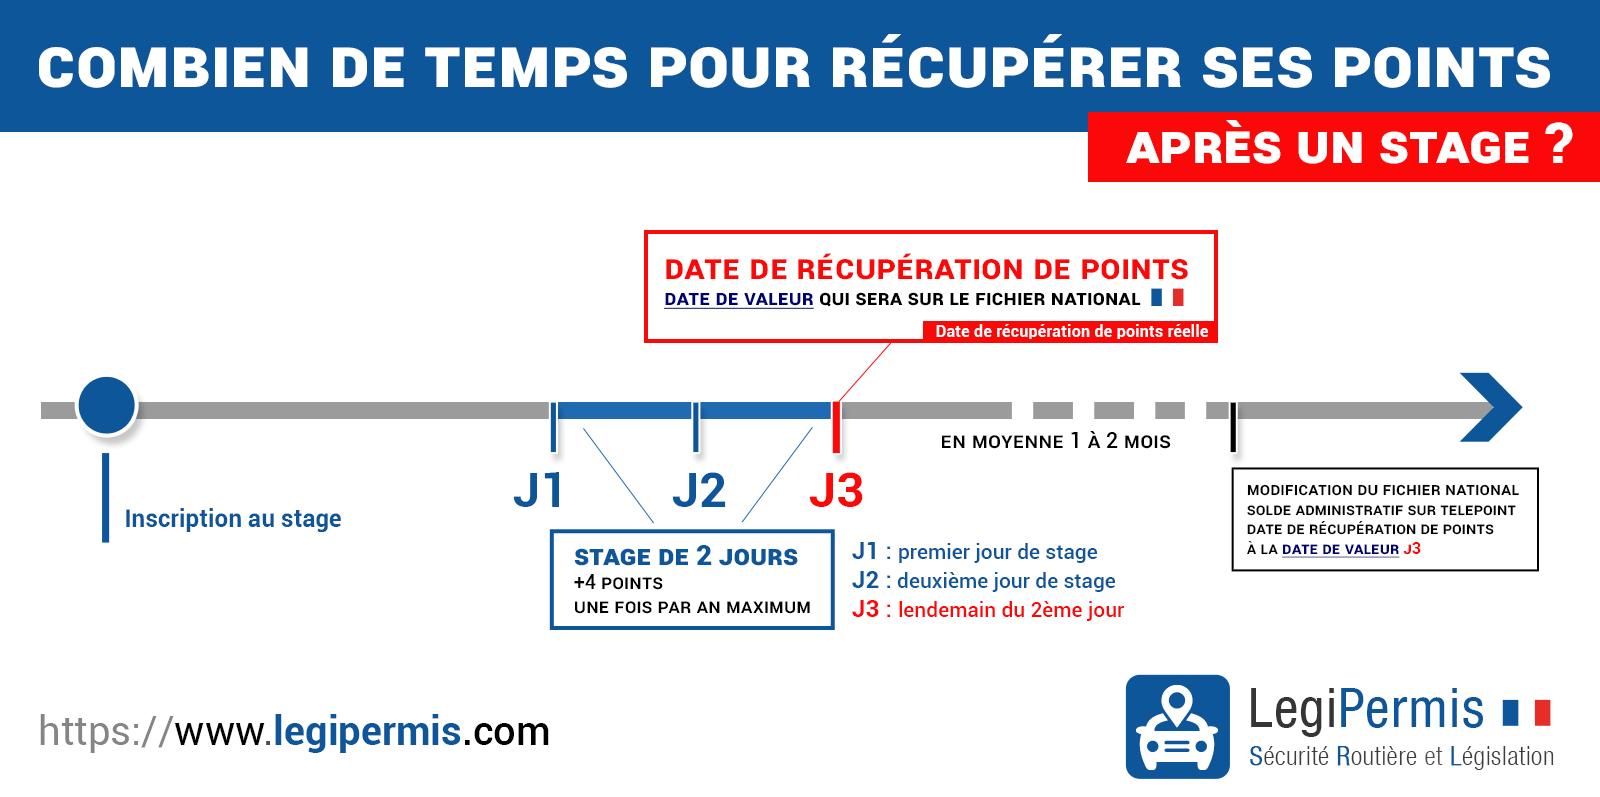 Combien de temps pour récupérer ses points après un stage ?